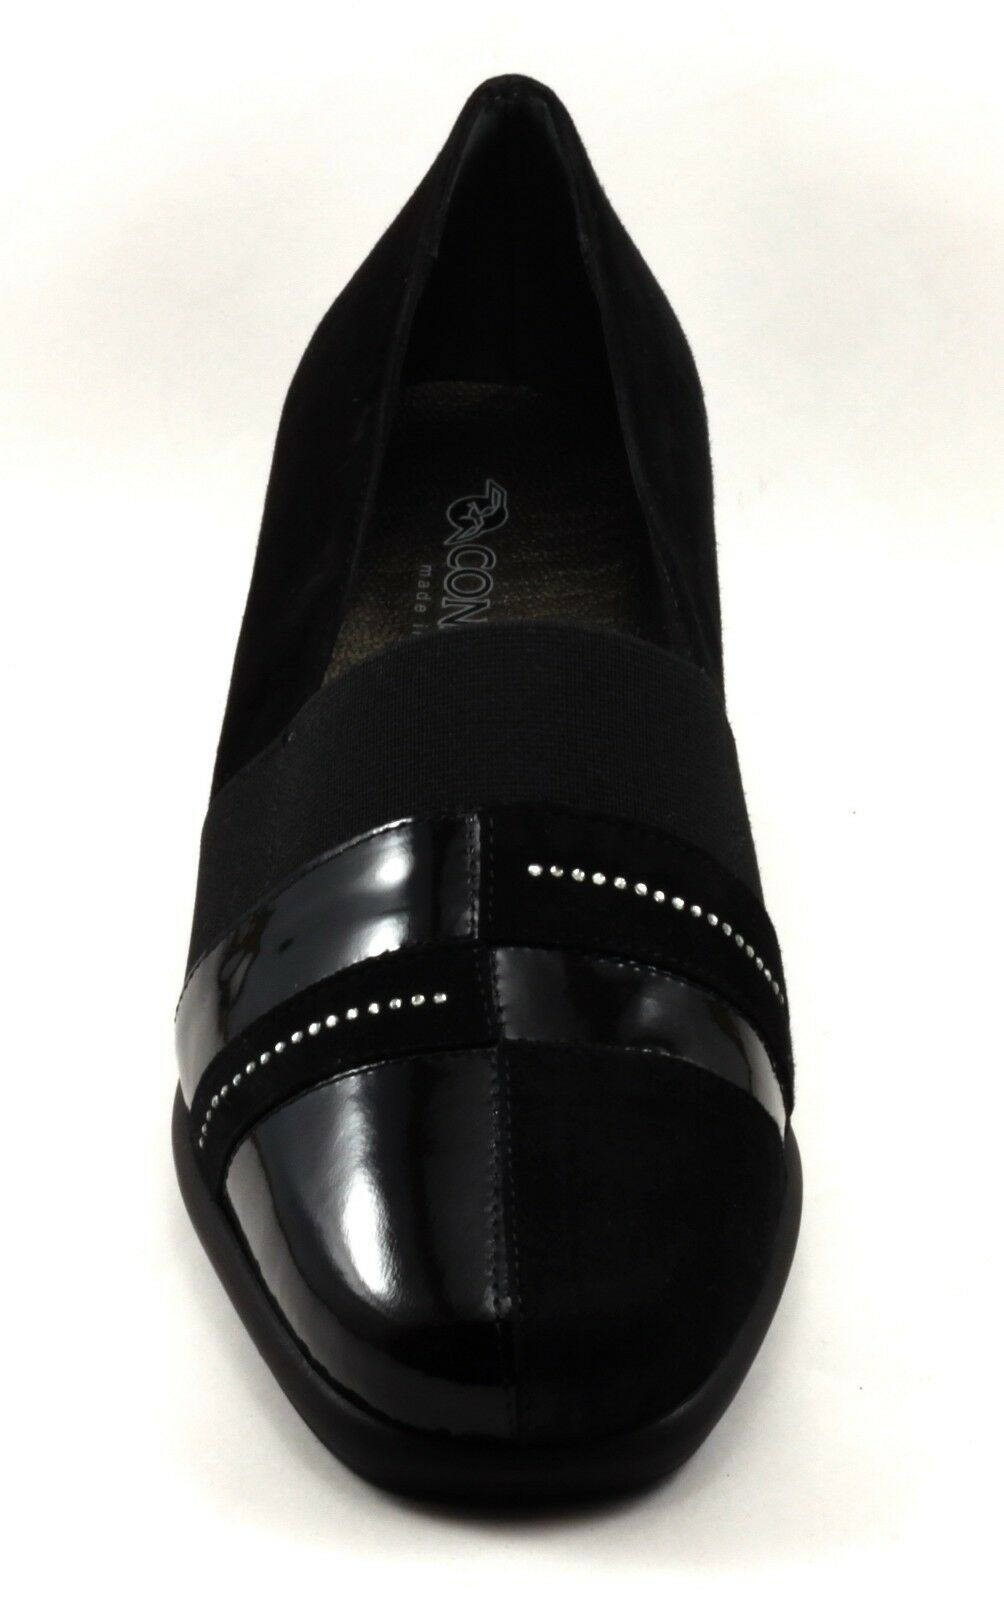 Schuhe CONFORT Damens ELEGANTI CALDO INVERNO IN CAMOSCIO NERO E VERNICE NERO CAMOSCIO n. 39 42338f